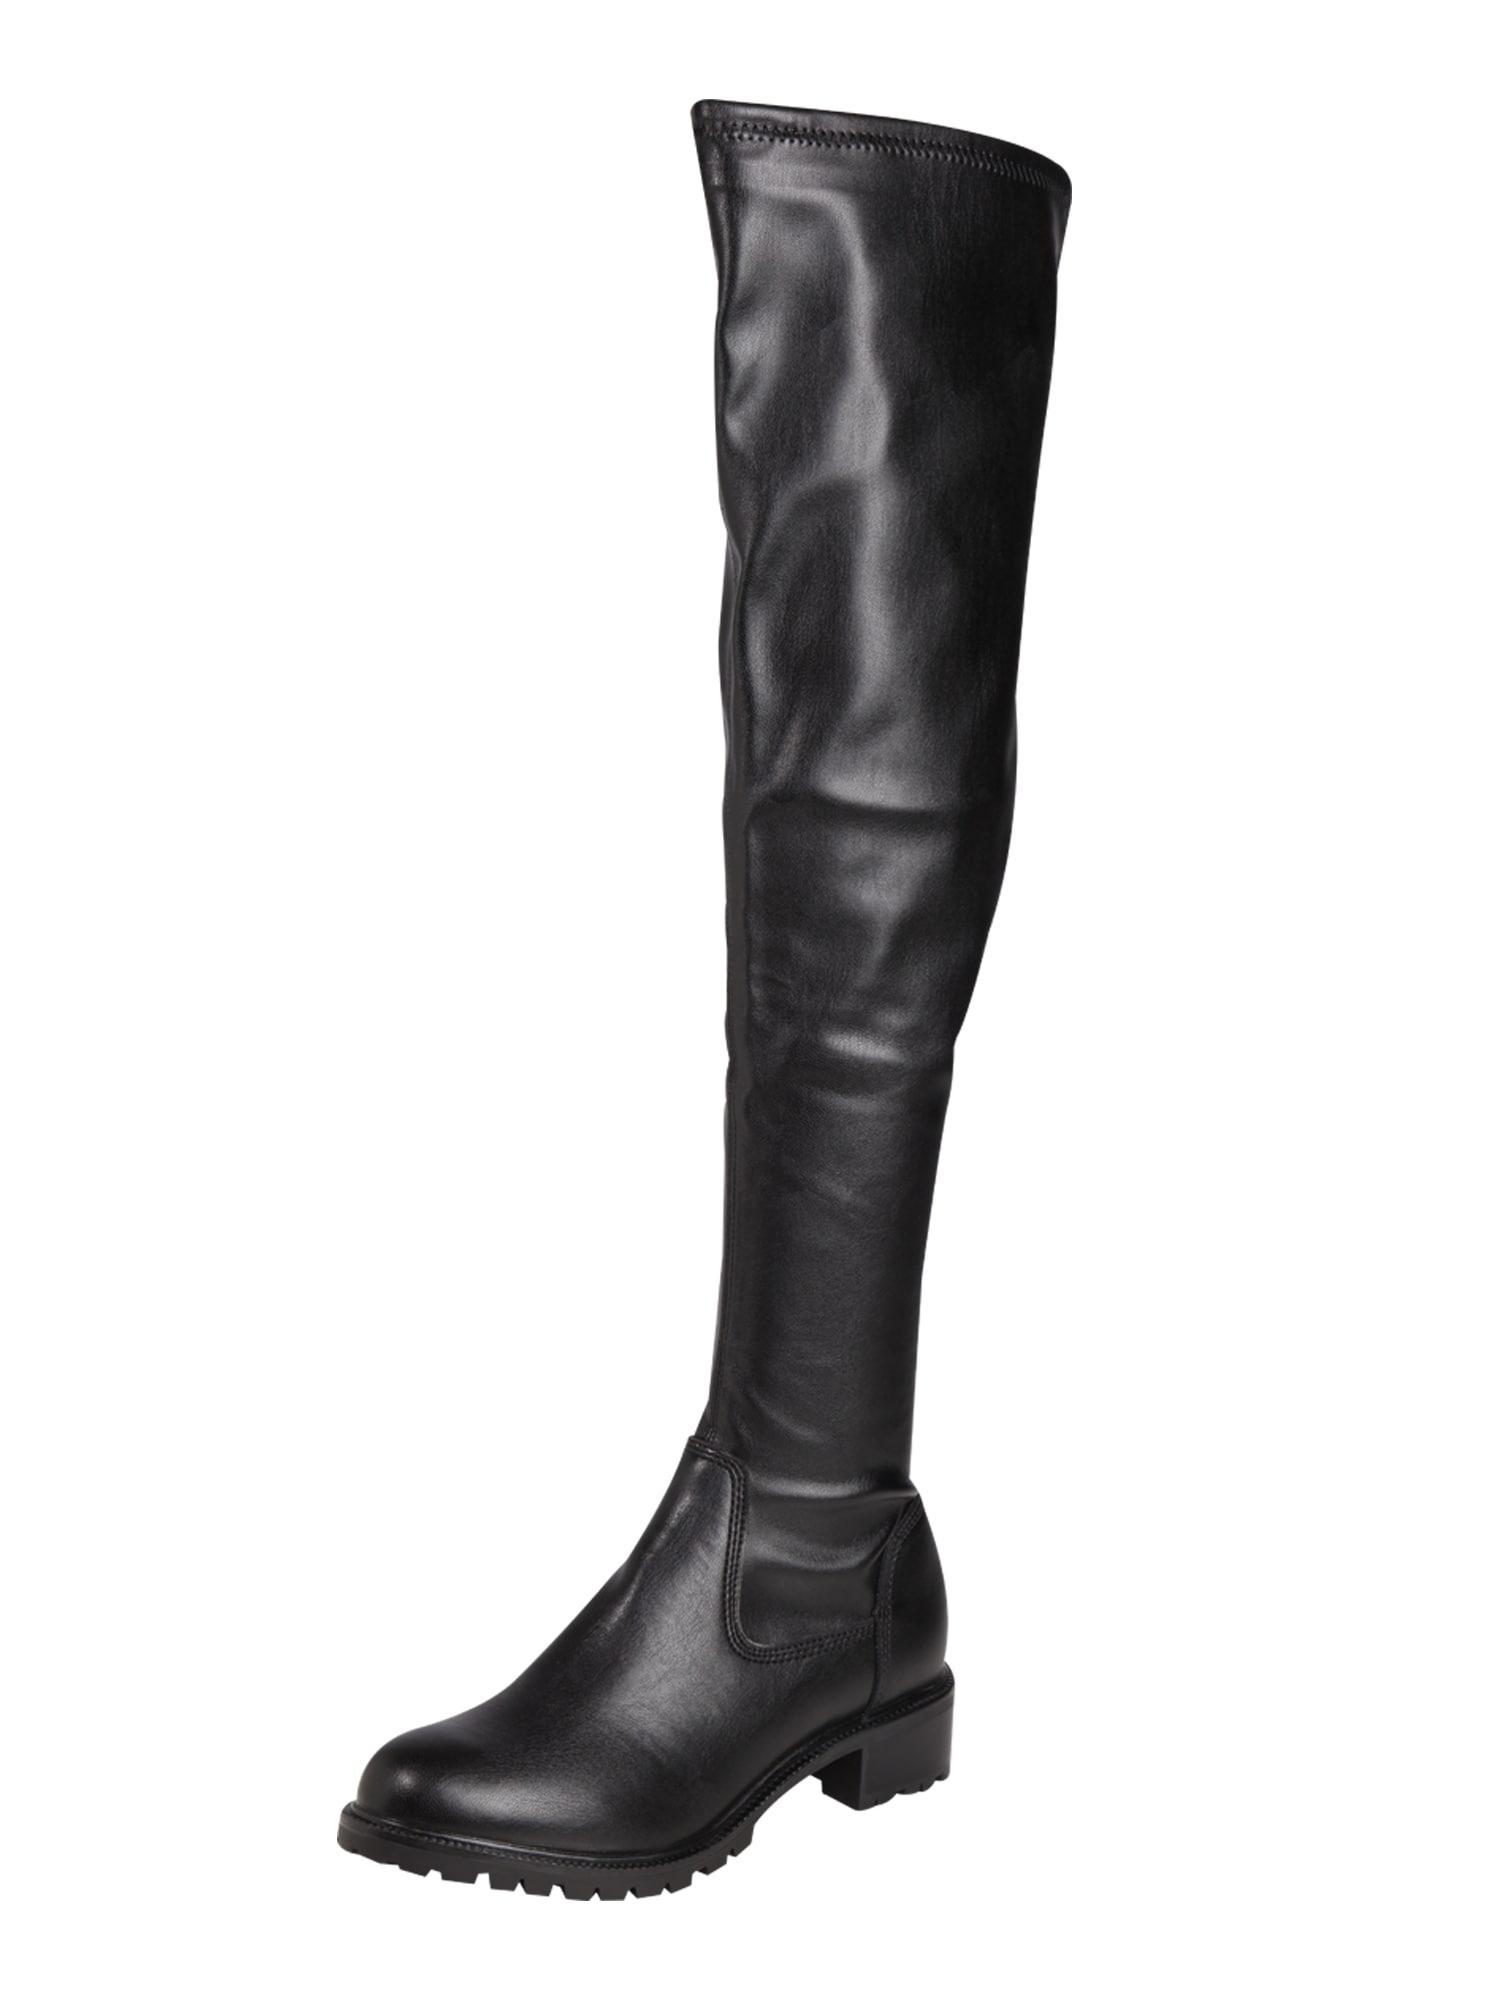 ALDO, Dames Overknee laarzen 'LARURIA', zwart